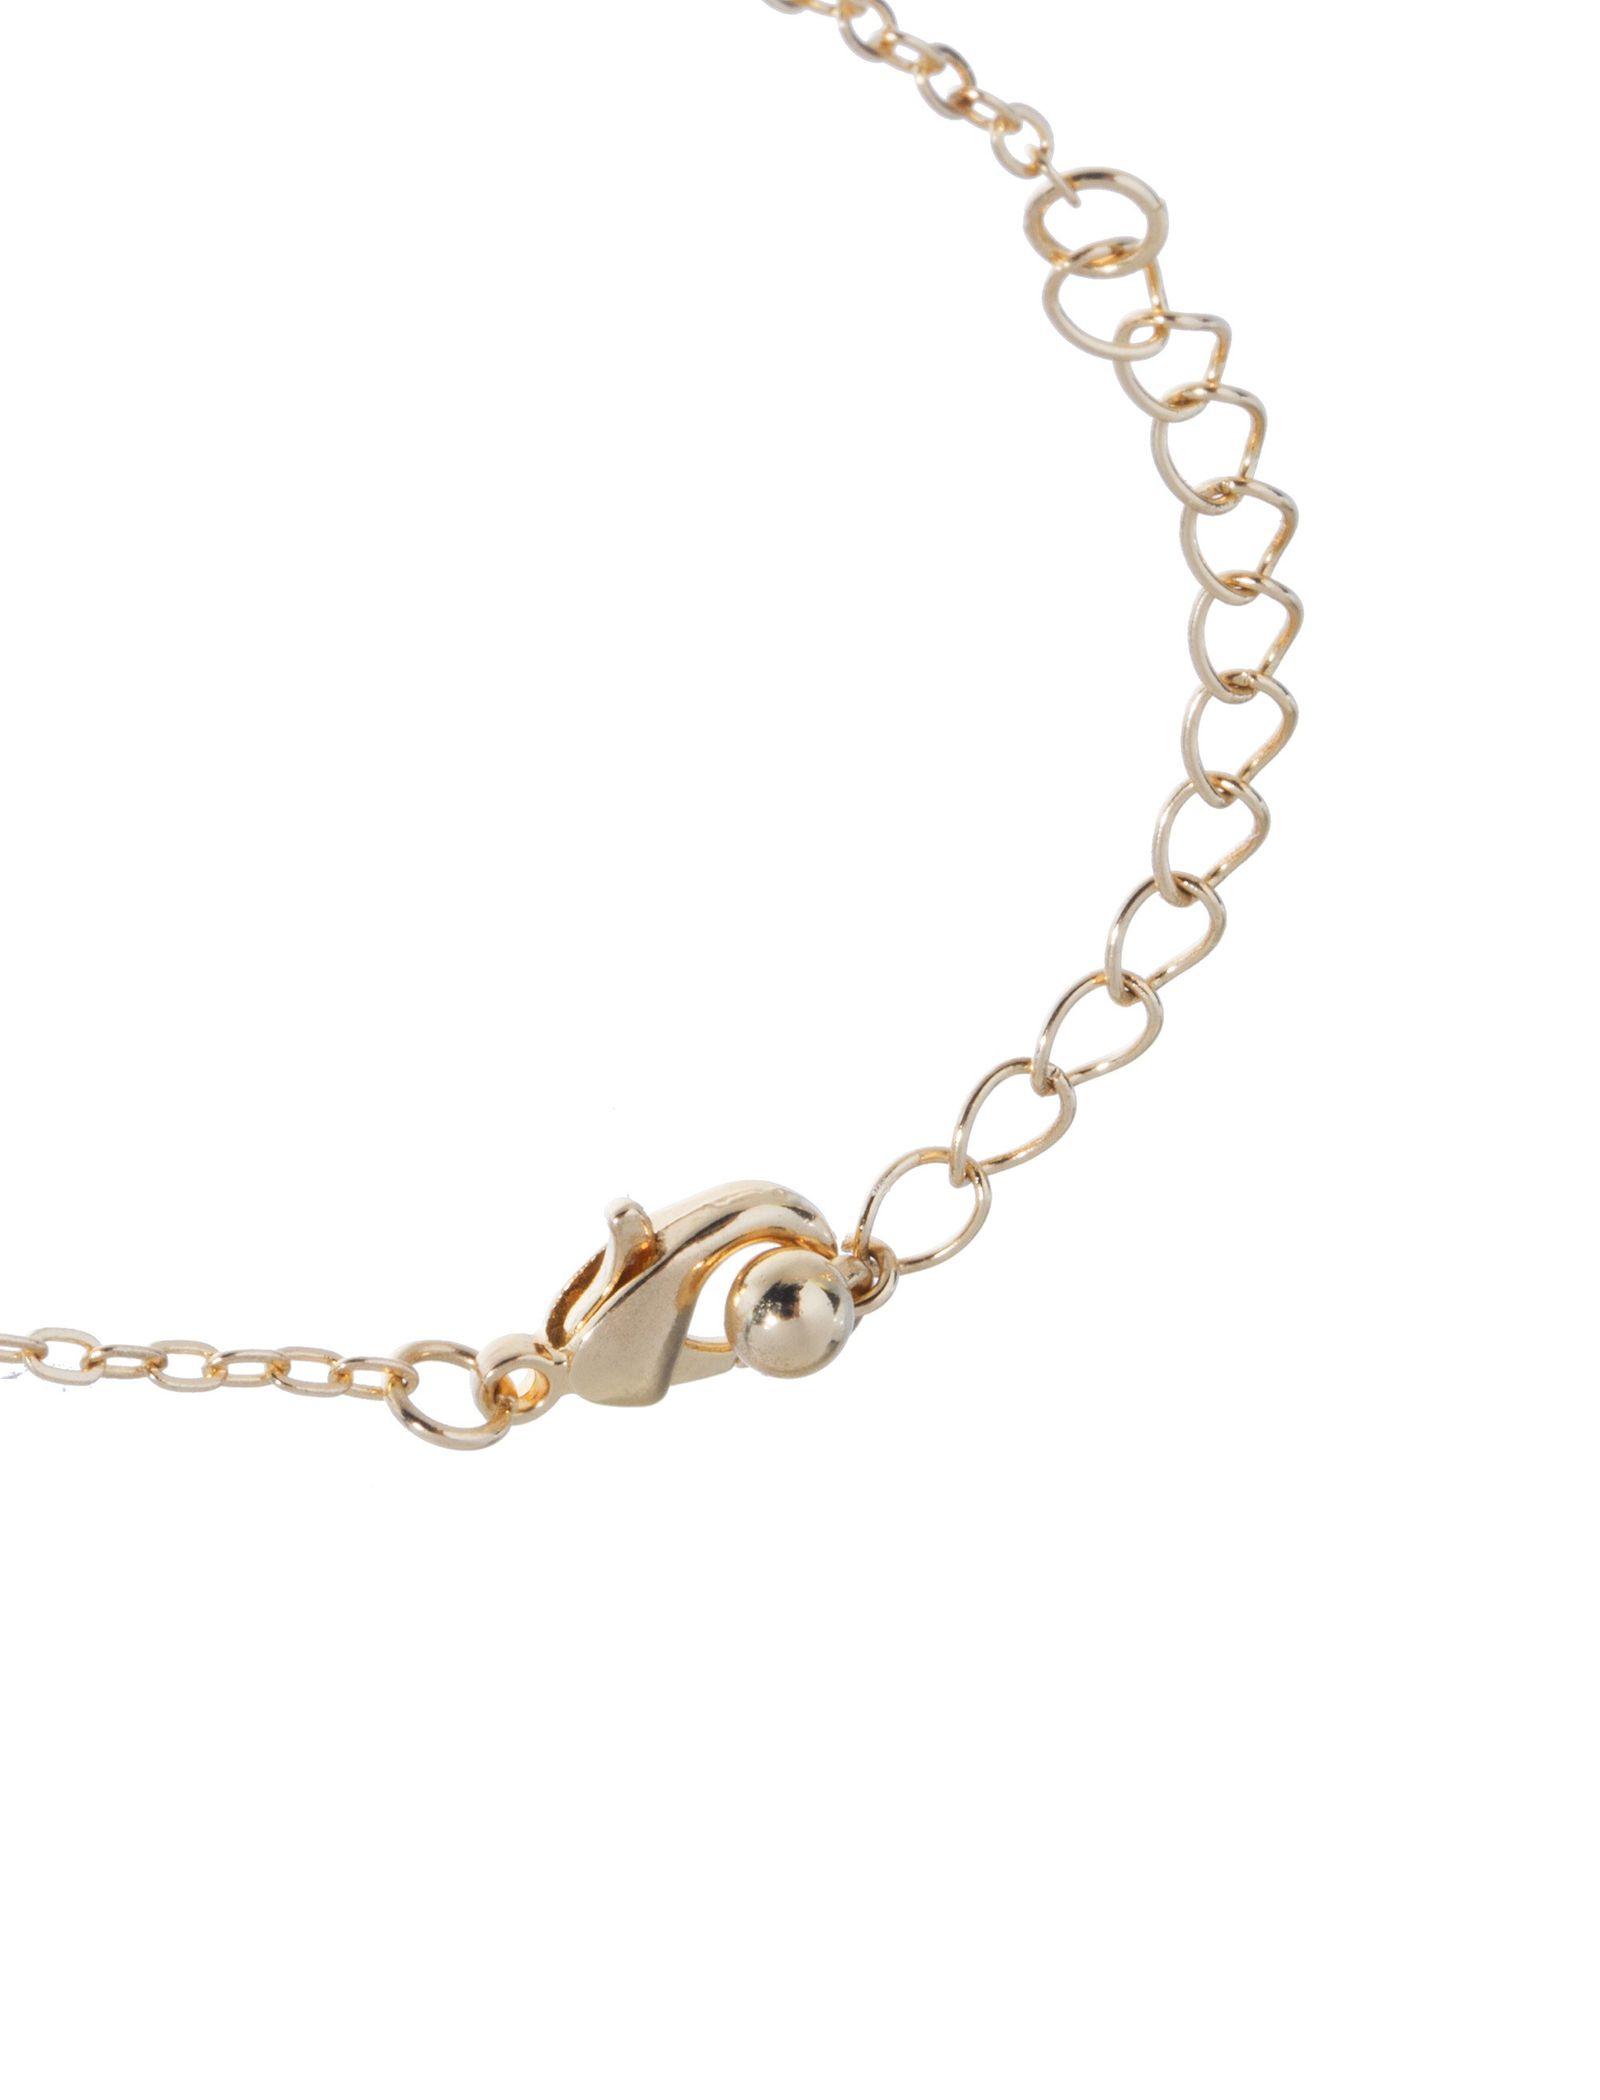 دستبند استیل زنانه - کوتون - طلايي - 3